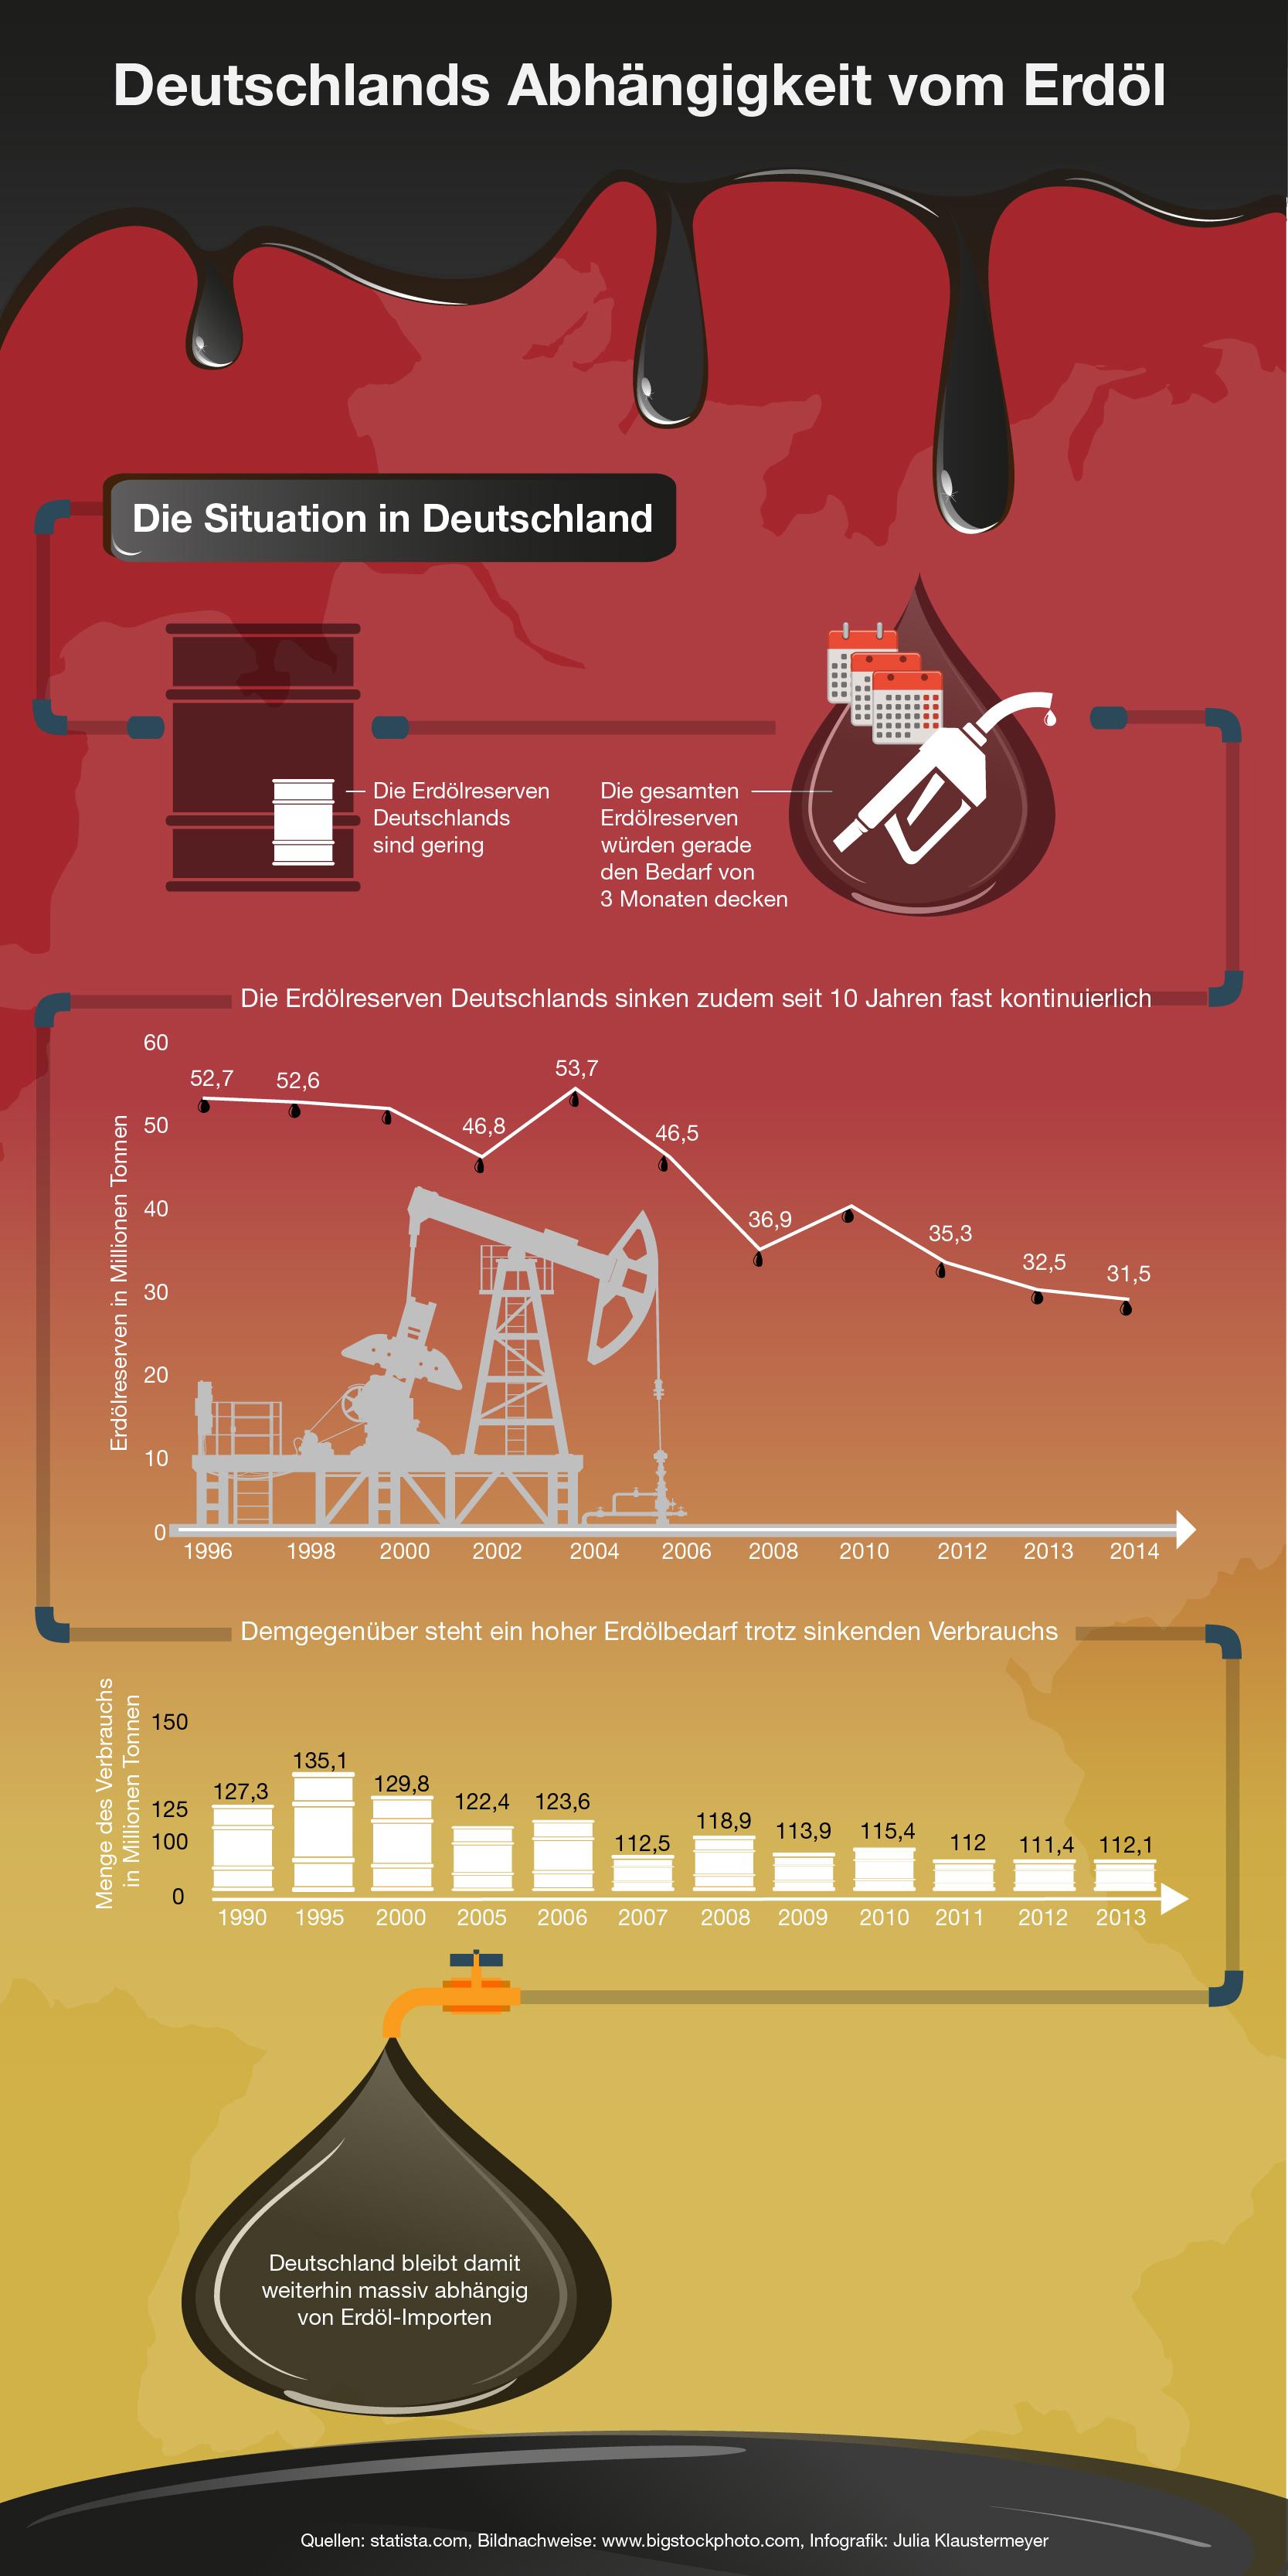 Die Abhängikeit Deutschlands vom Erdöl